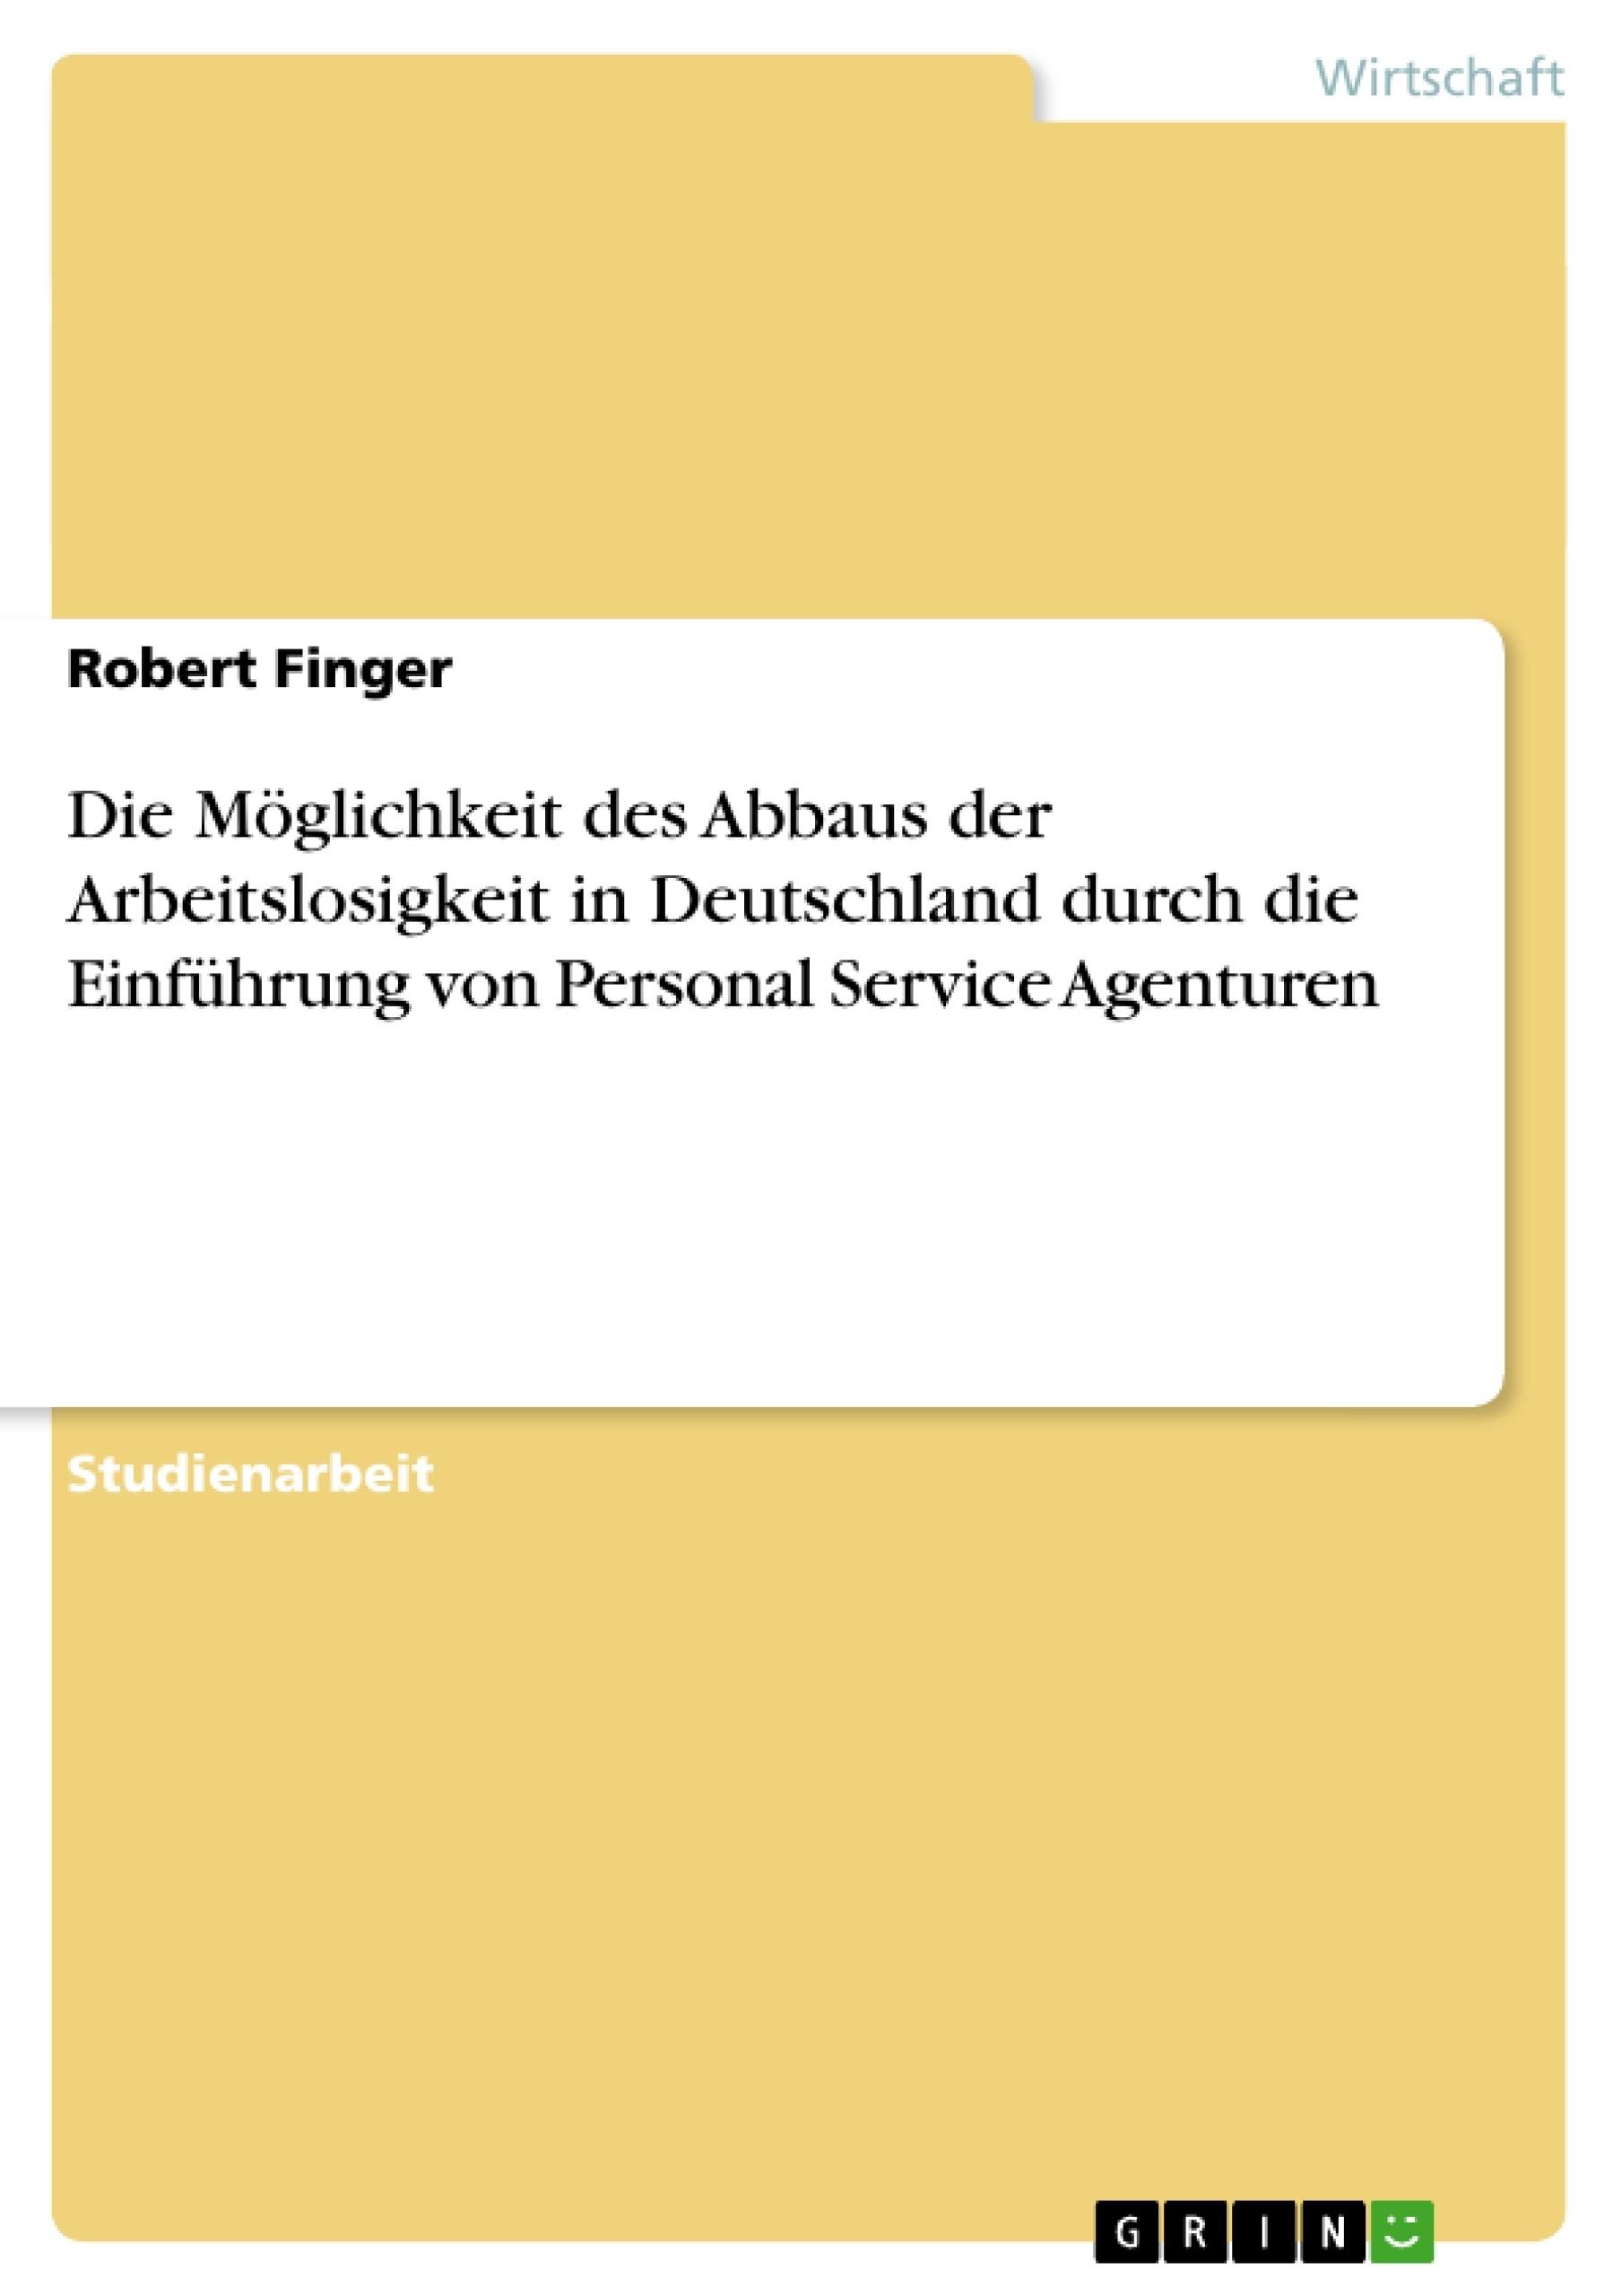 Titel: Die Möglichkeit des Abbaus der Arbeitslosigkeit in Deutschland durch die Einführung von Personal Service Agenturen